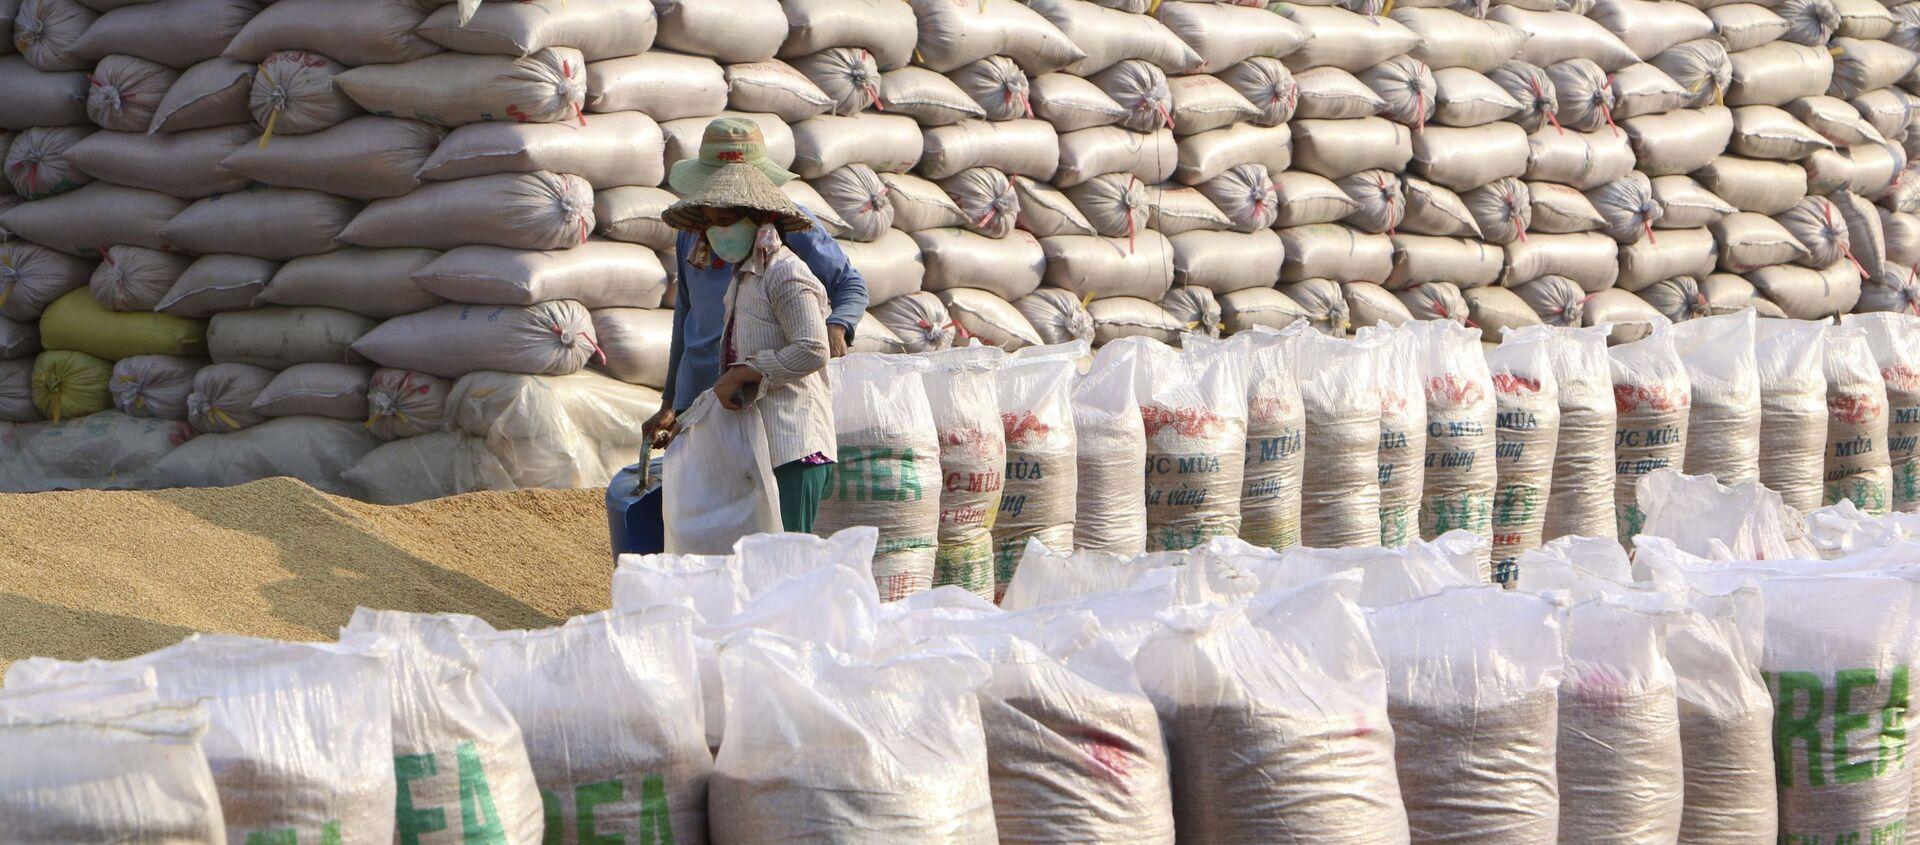 Xuất khẩu gạo của Việt Nam tiếp tục đạt mức giá cao kỷ lục, năm 2020, kim ngạch ước đạt trên 3 tỉ USD. - Sputnik Việt Nam, 1920, 23.02.2021